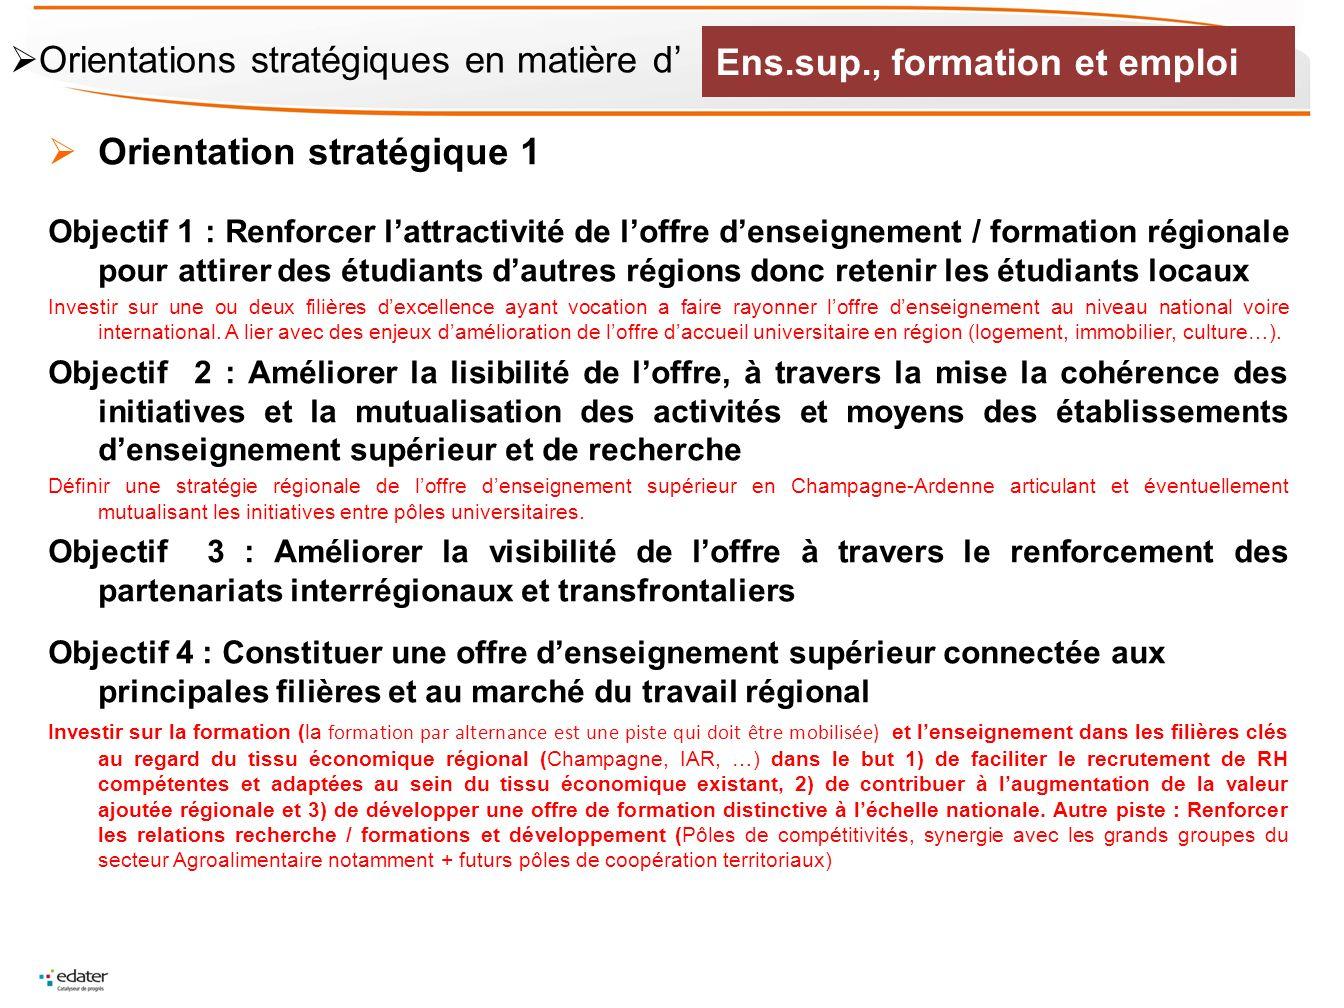 Orientation stratégique 1 Objectif 1 : Renforcer lattractivité de loffre denseignement / formation régionale pour attirer des étudiants dautres région